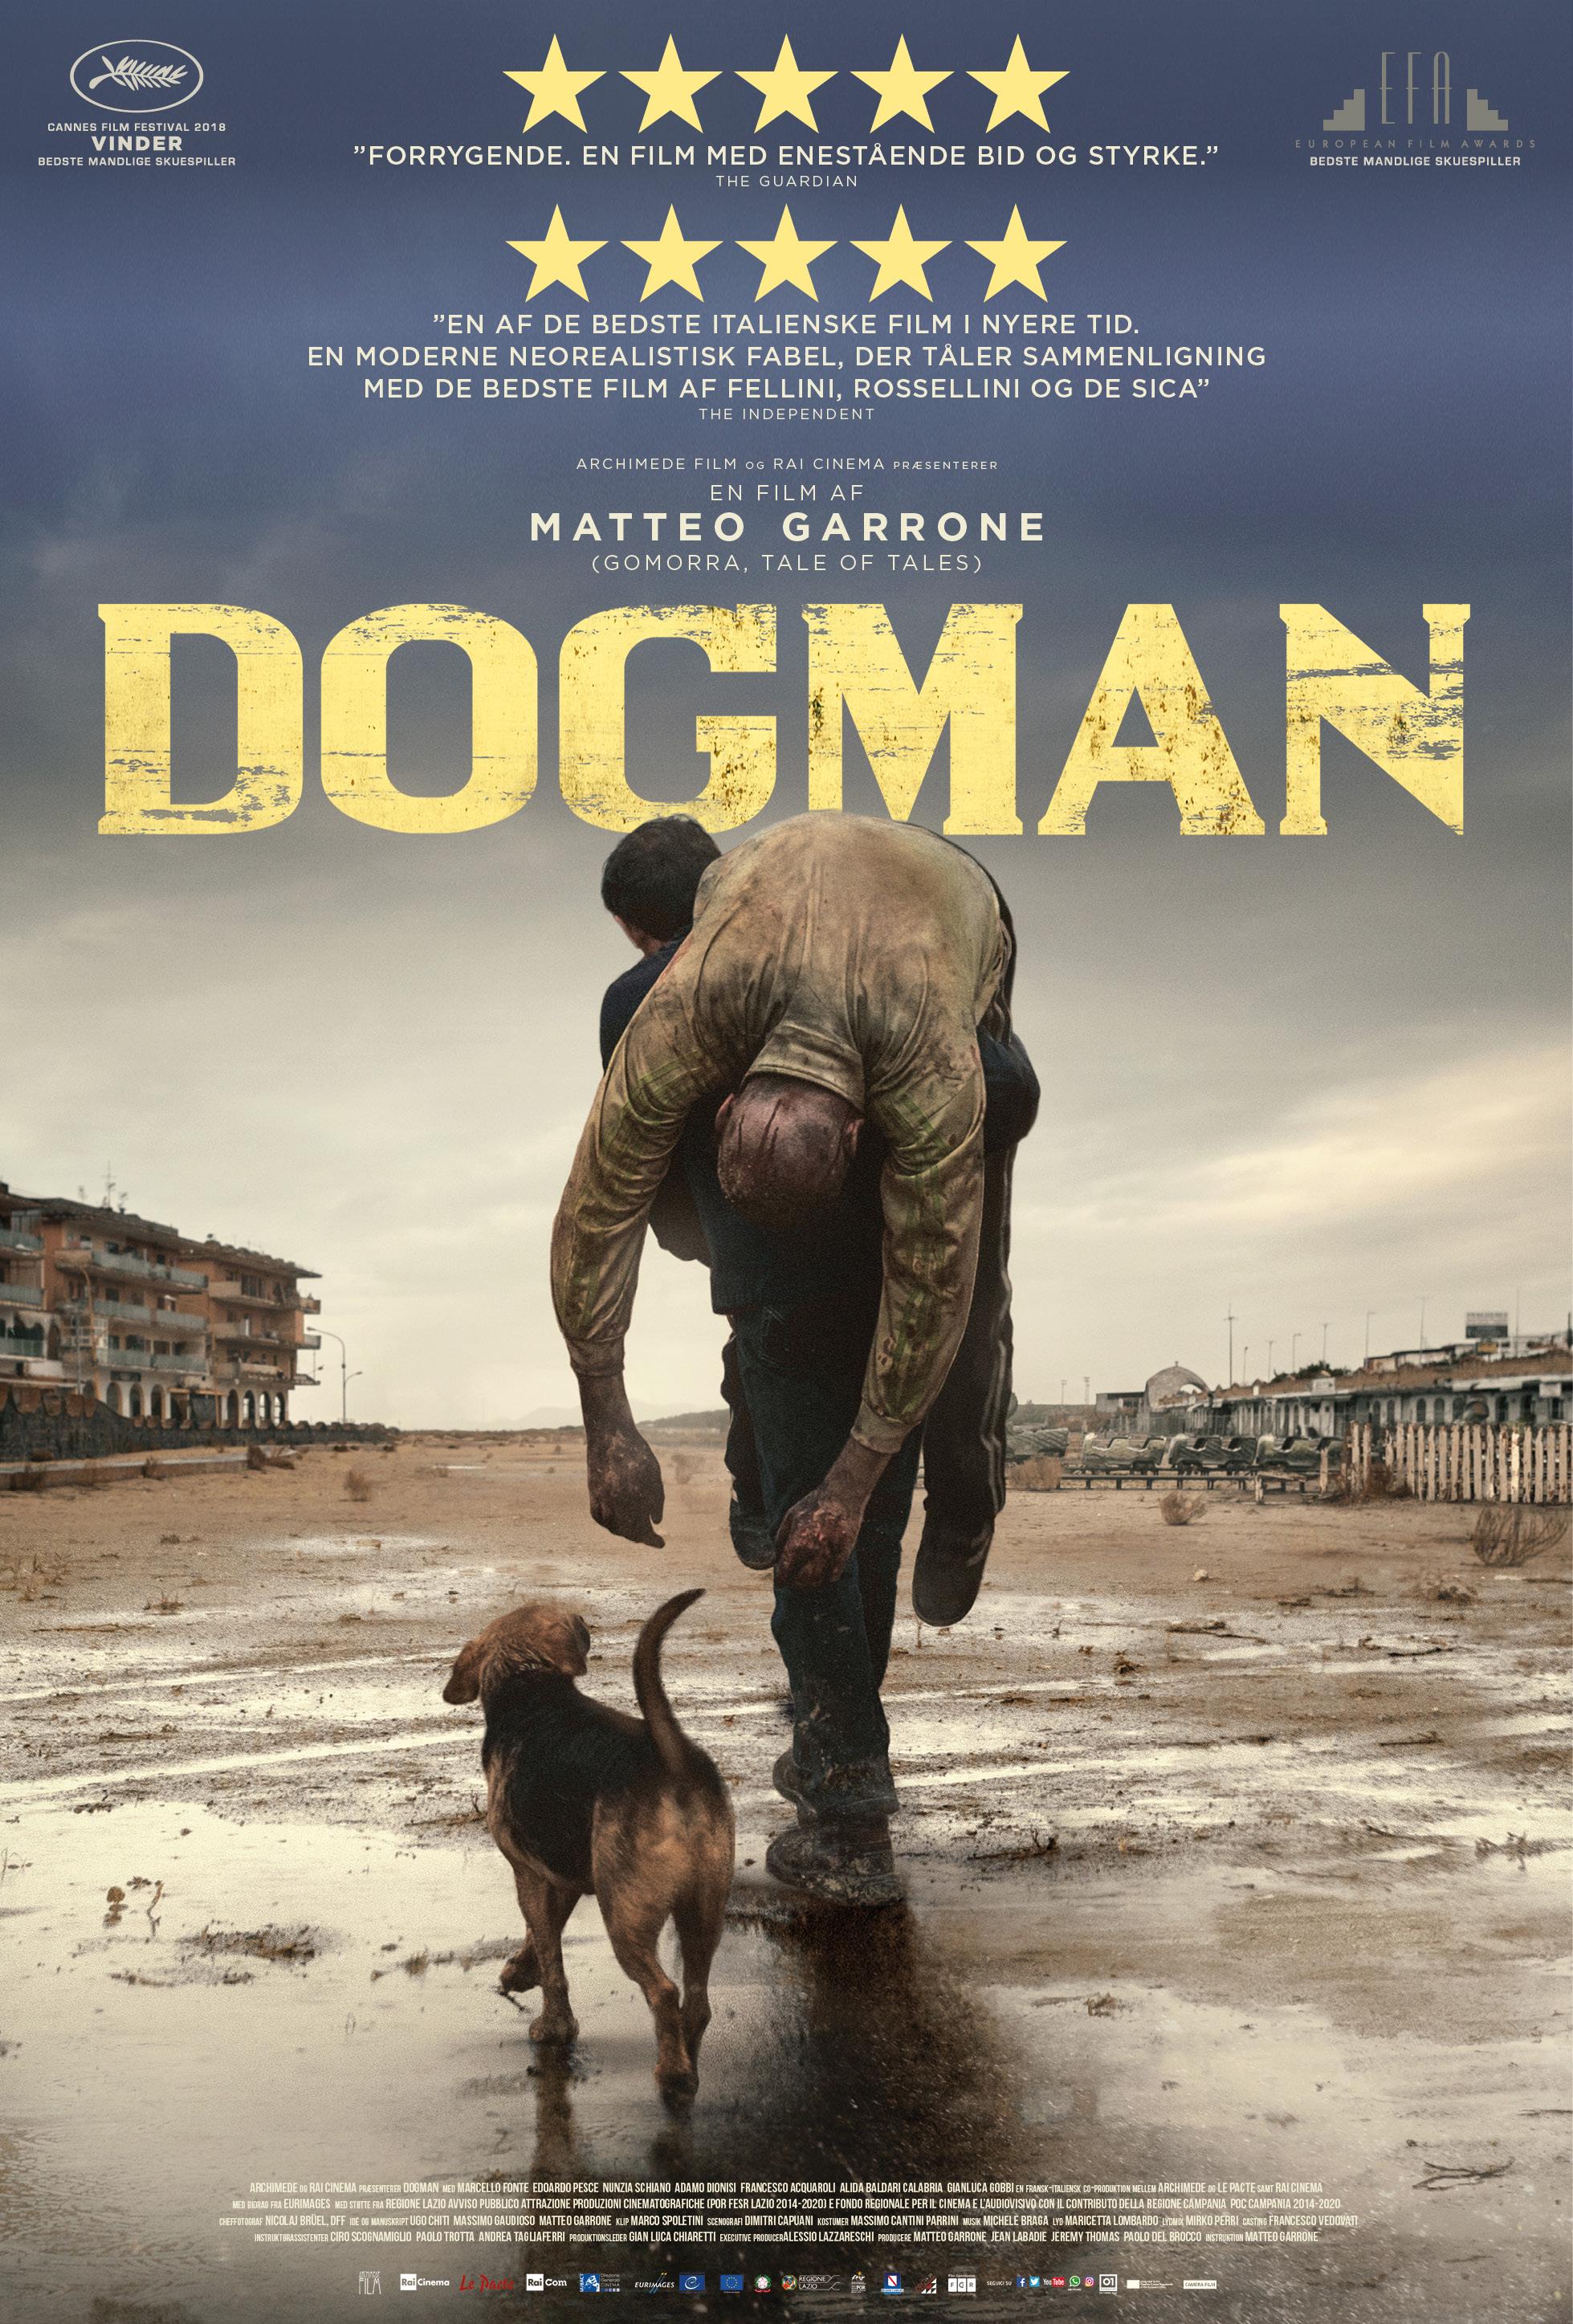 CAMERA FILM presenta DOGMAN di MATTEO GARRONE